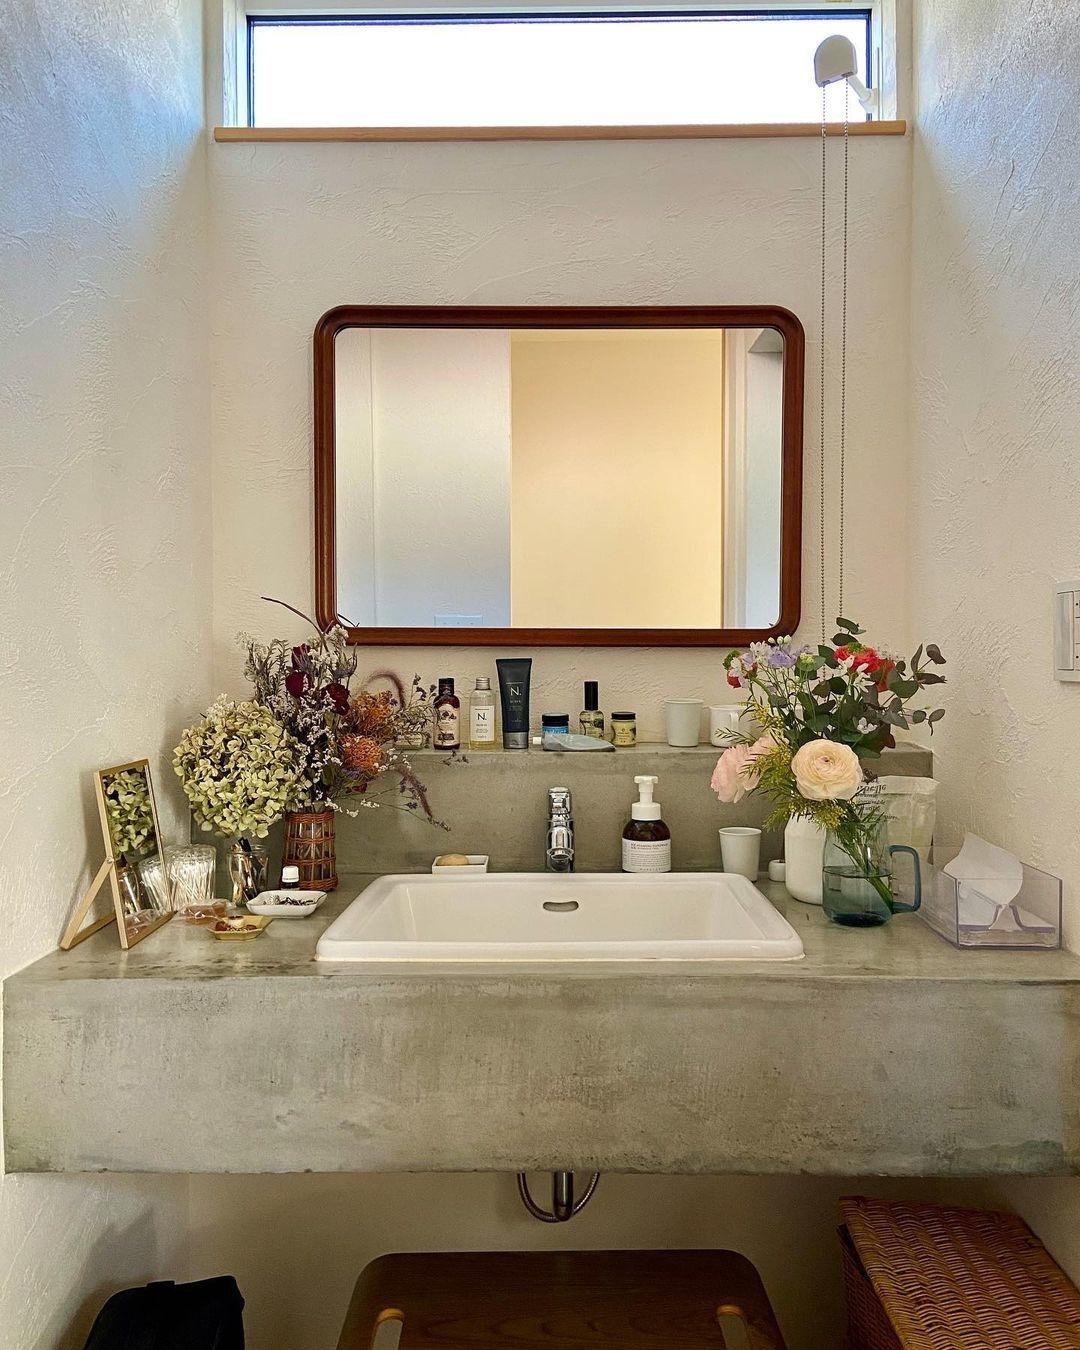 1_洗面台に、花と良い香りを充満させて